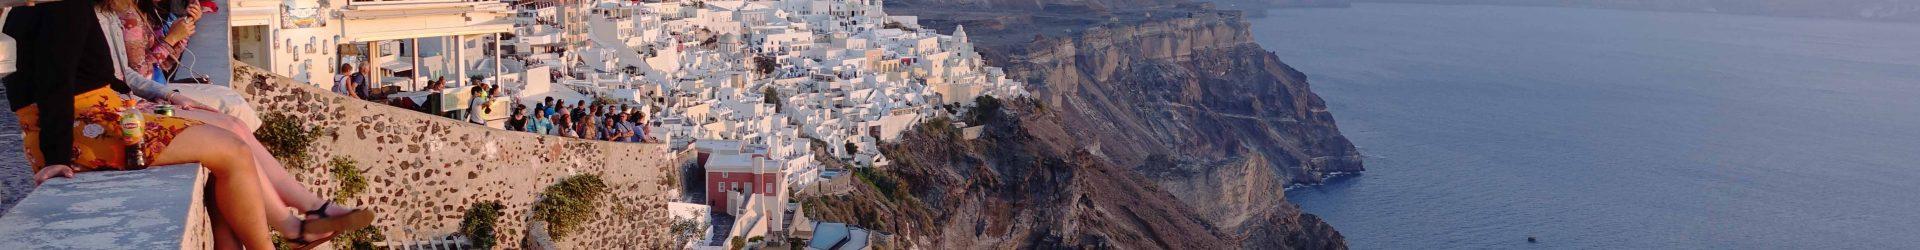 Santorini a Ottobre: clima e consigli utili